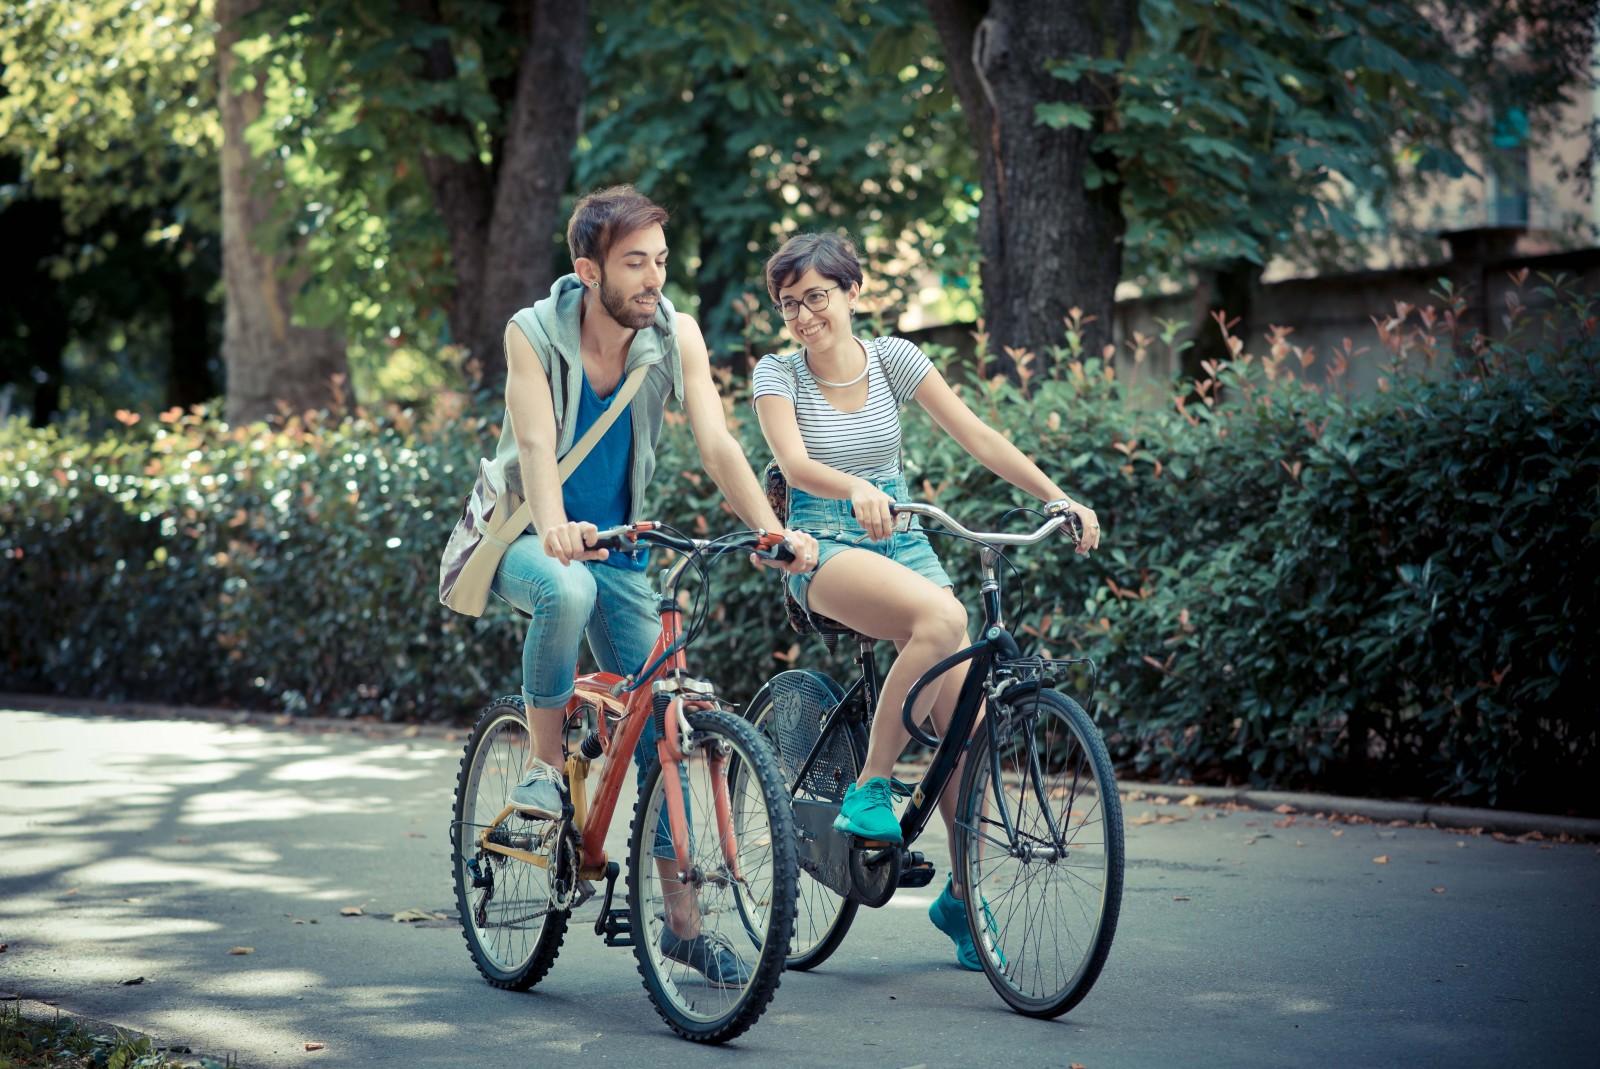 Radlerfest mit Fahrradcheck und Radrettung